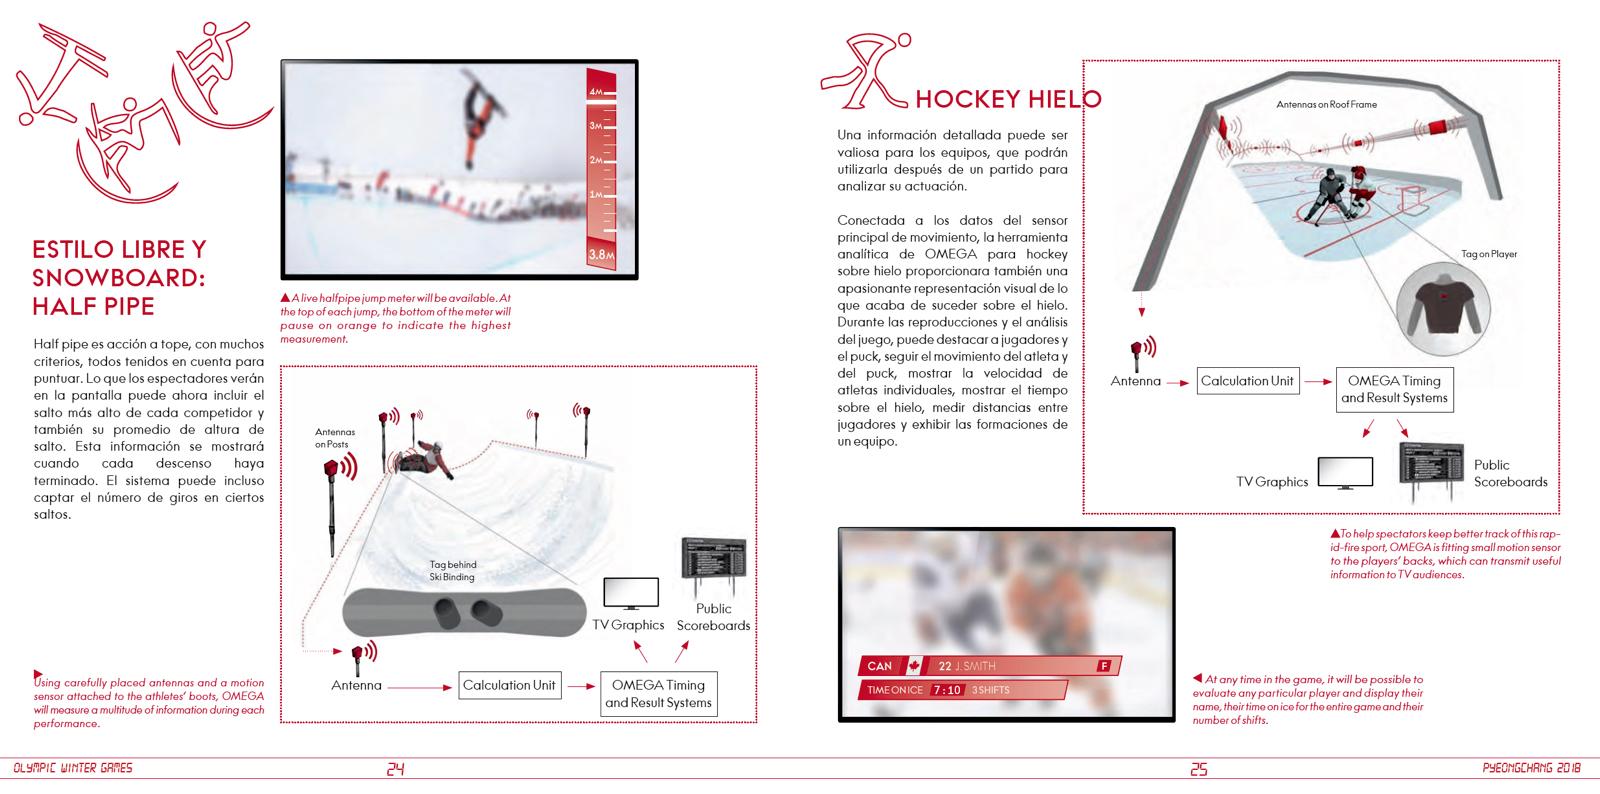 Omega JJOO PyeongChang 2018 Dossier 2